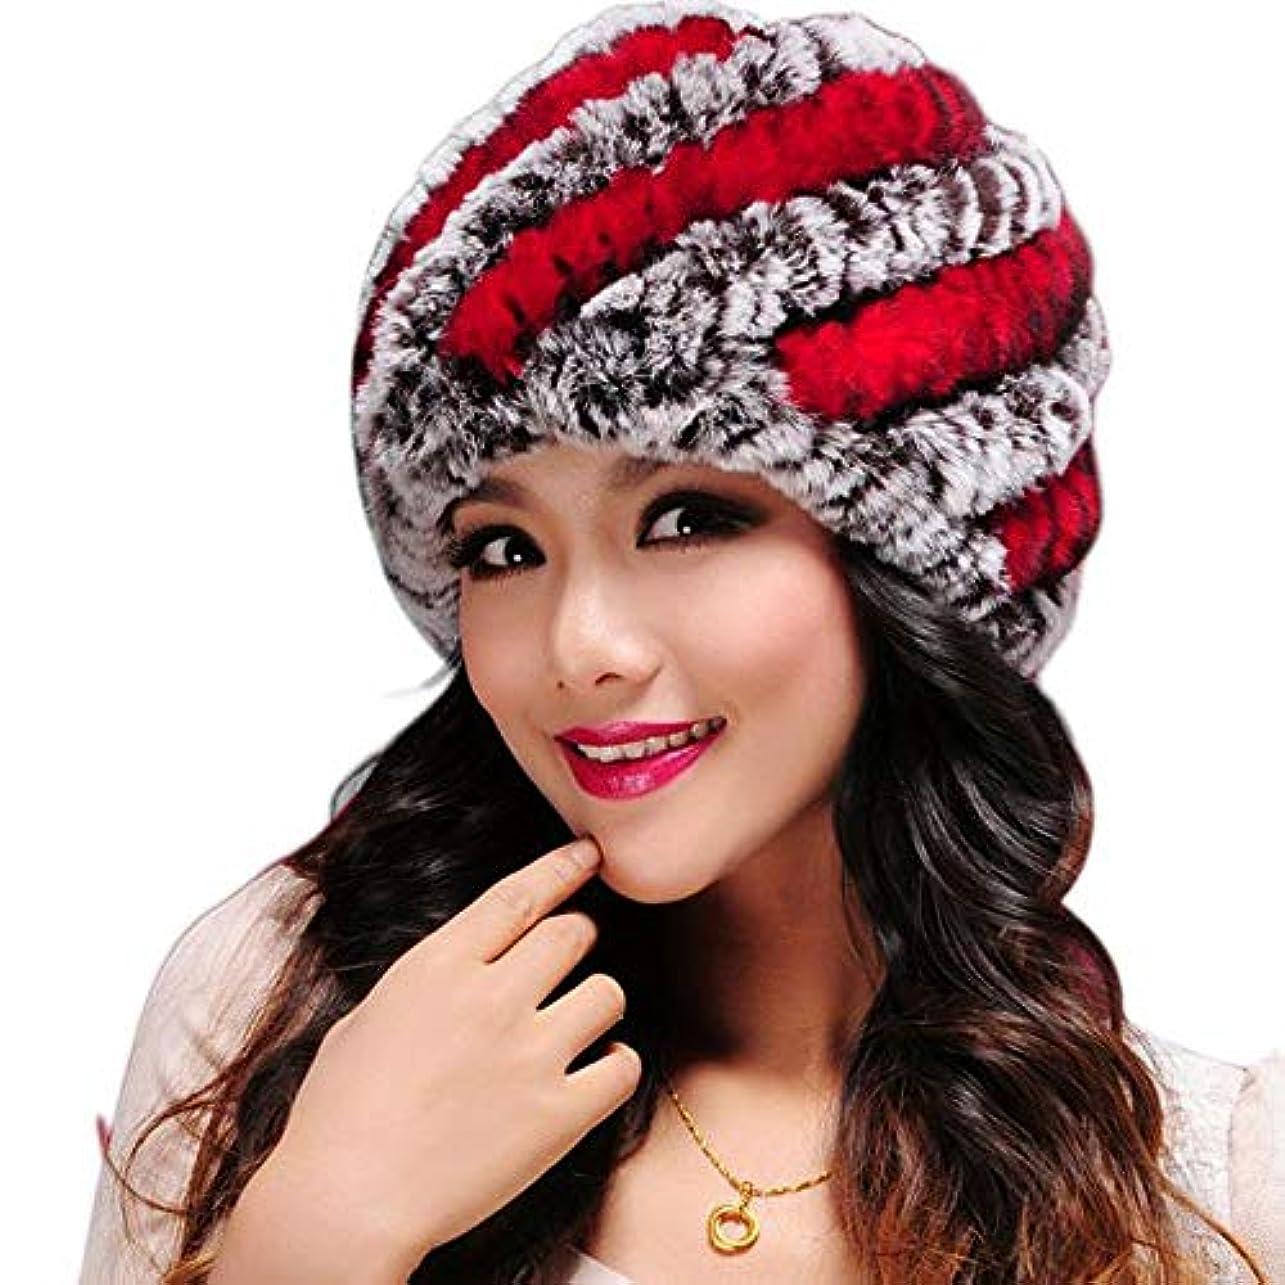 有名誇張するおんどりRacazing Hat 選べる5色 編み物 レックスウサギの髪 ニット帽 ストライプ 防寒対策 通気性のある 防風 ニット帽 暖かい 軽量 屋外 医療用帽子 スキー 自転車 クリスマス Unisex Cap 男女兼用...